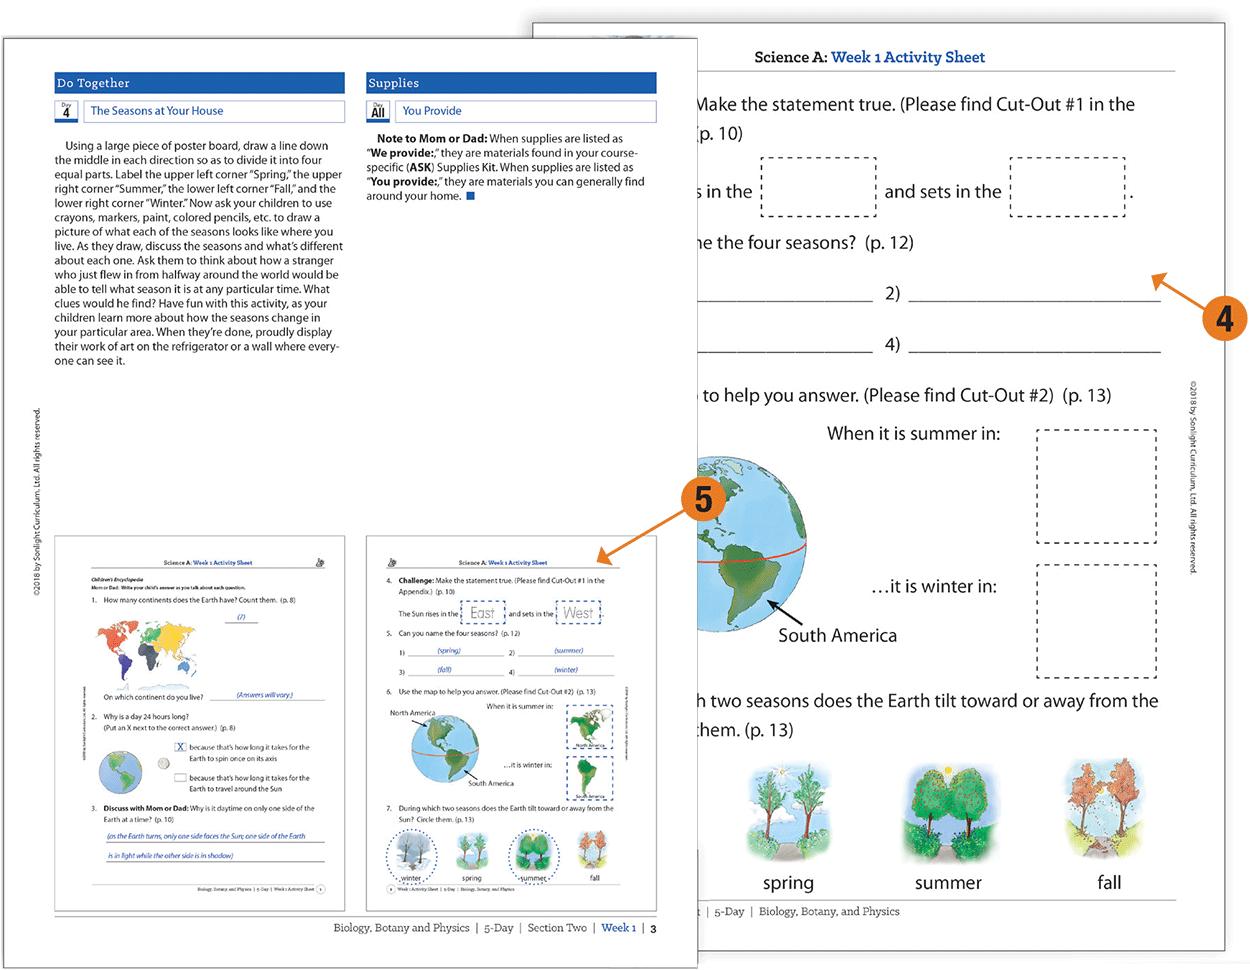 Sonlight Science IG Details